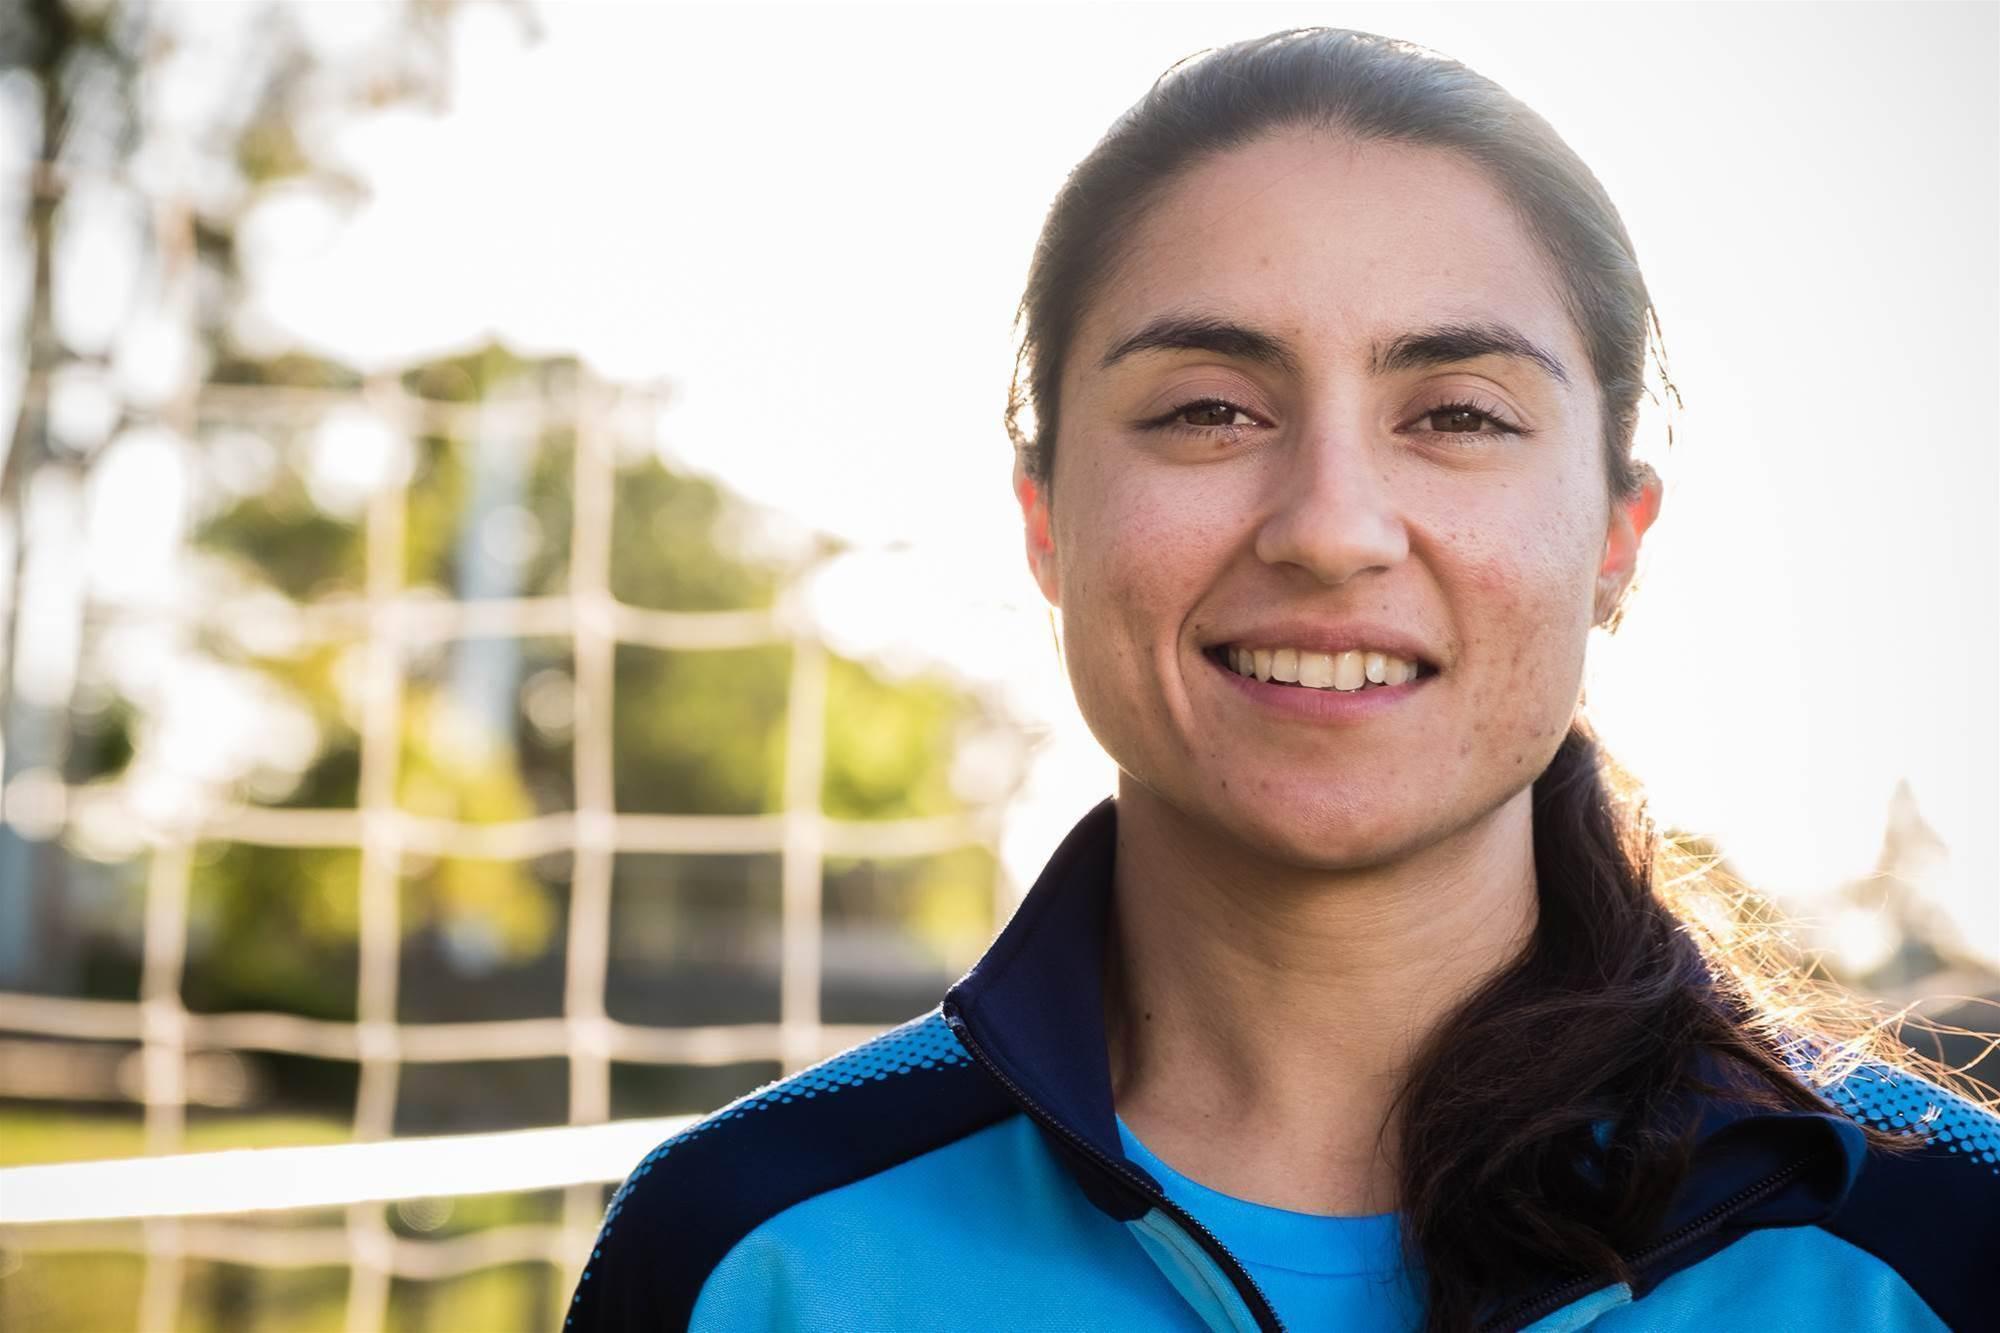 Teresa Polias: Football is in my soul